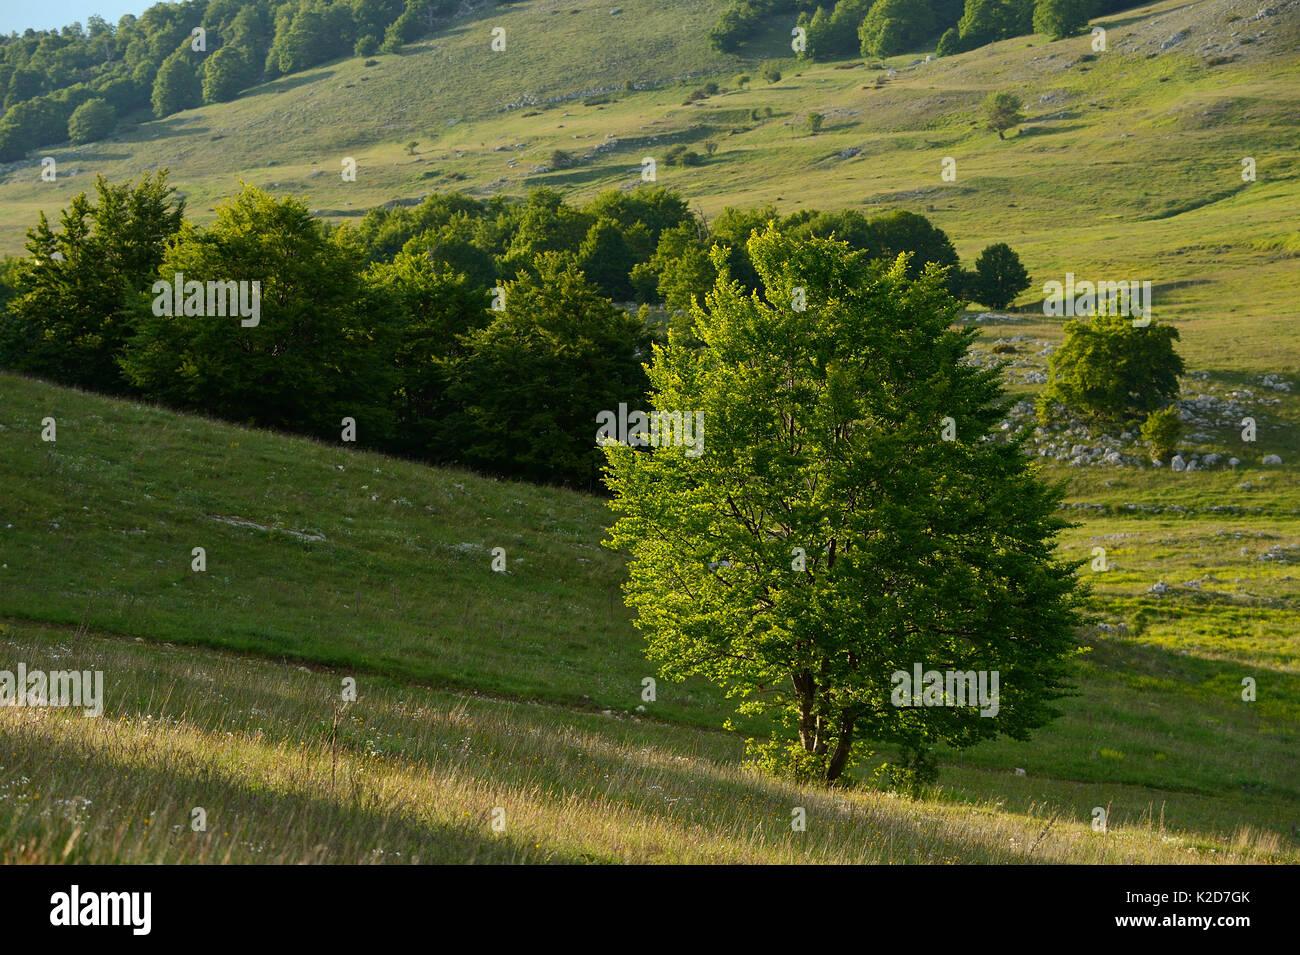 Des Apennins centrales Rewilding, Région Lazio e Molise Parc National, Abruzzes, Italie, juin 2014. Photo Stock